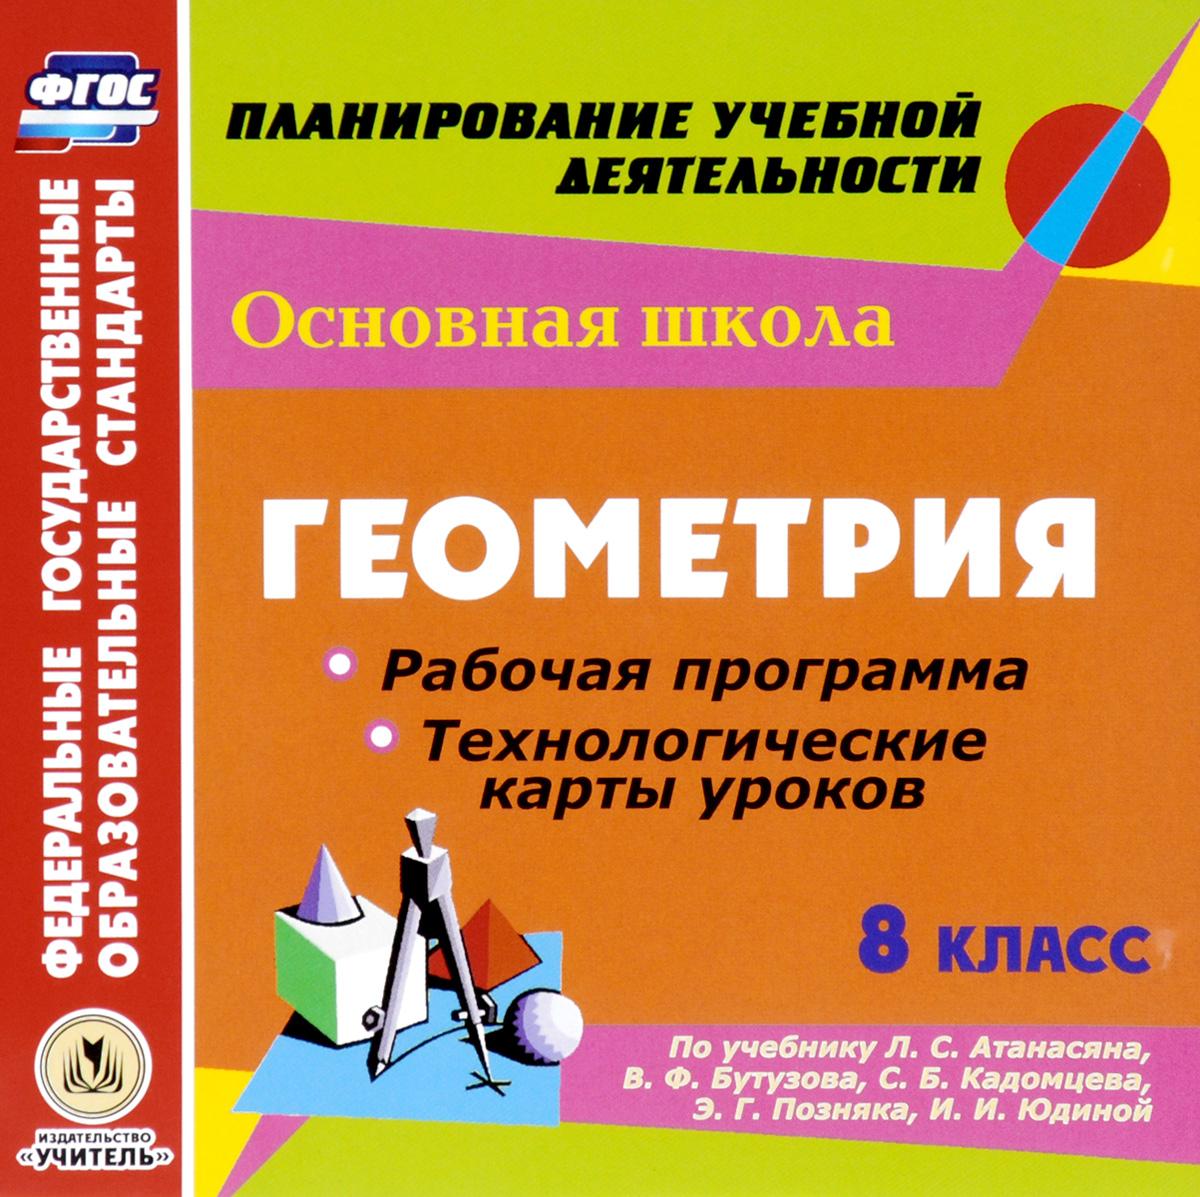 Геометрия. 8 класс. Рабочая программа и технологические карты уроков по учебнику Л. С. Атанасяна, В. Ф. Бутузова, С. Б. Кадомцева,